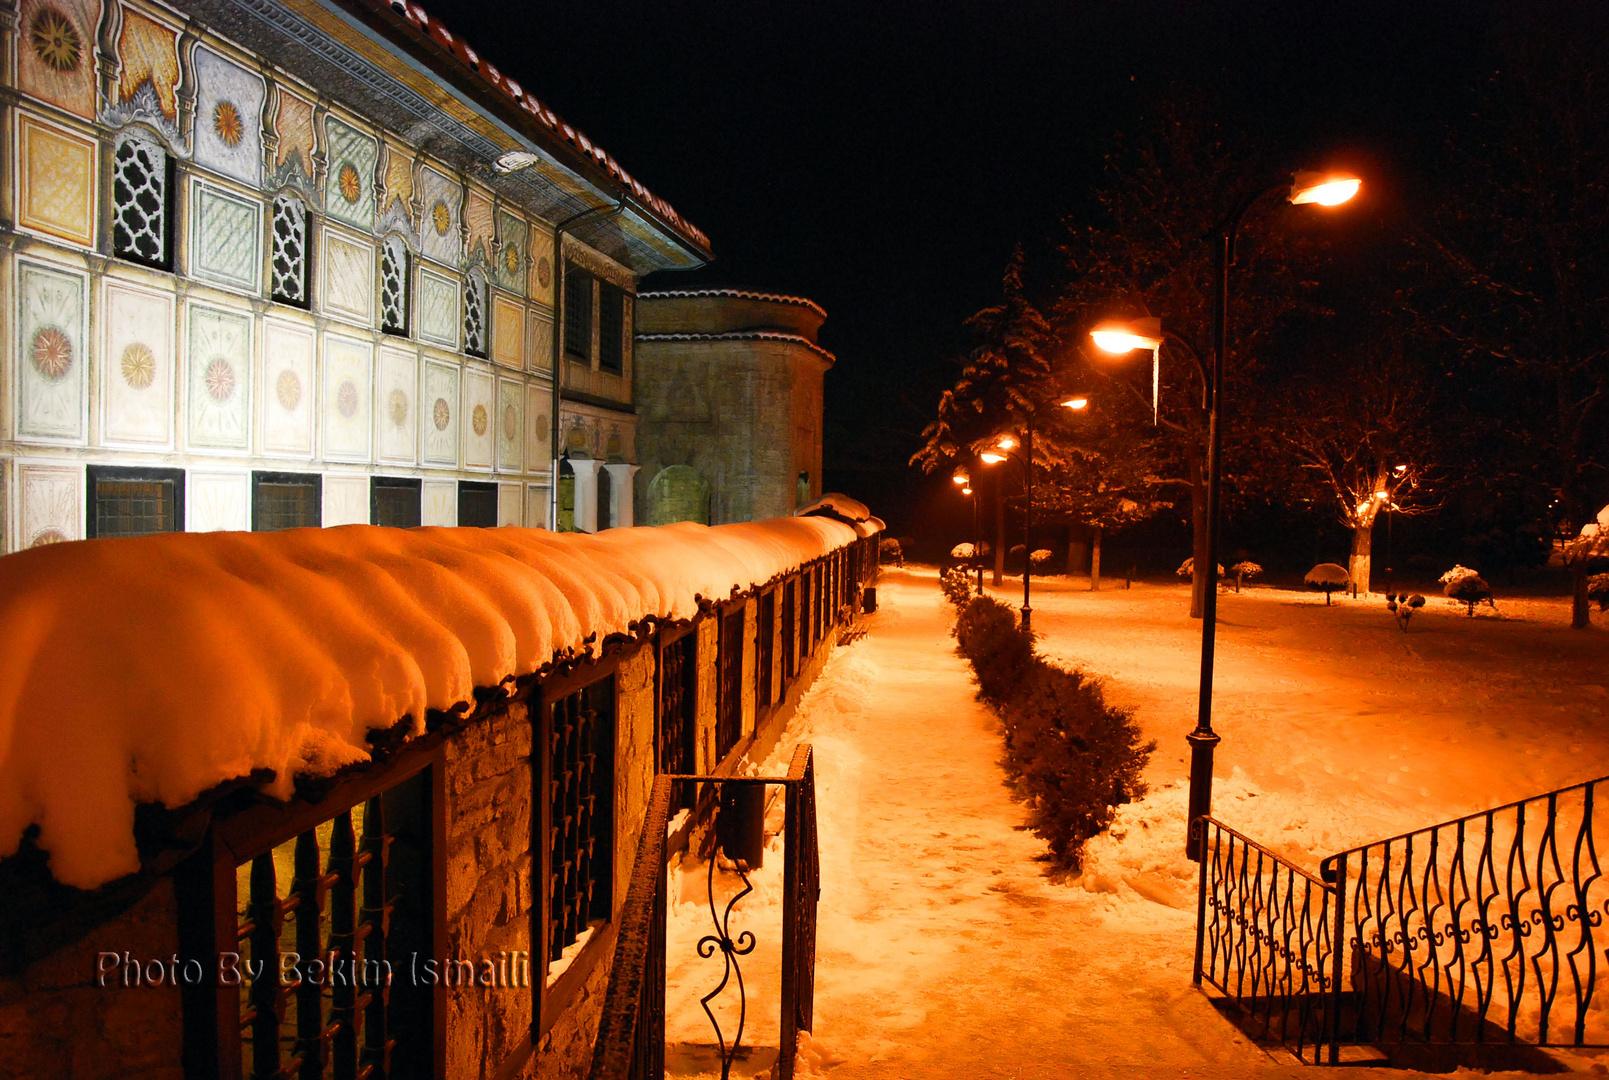 Xhamija e Pashes Tetove Teteovo Macedonia Photo By Bekim Ismaili Dobrosht